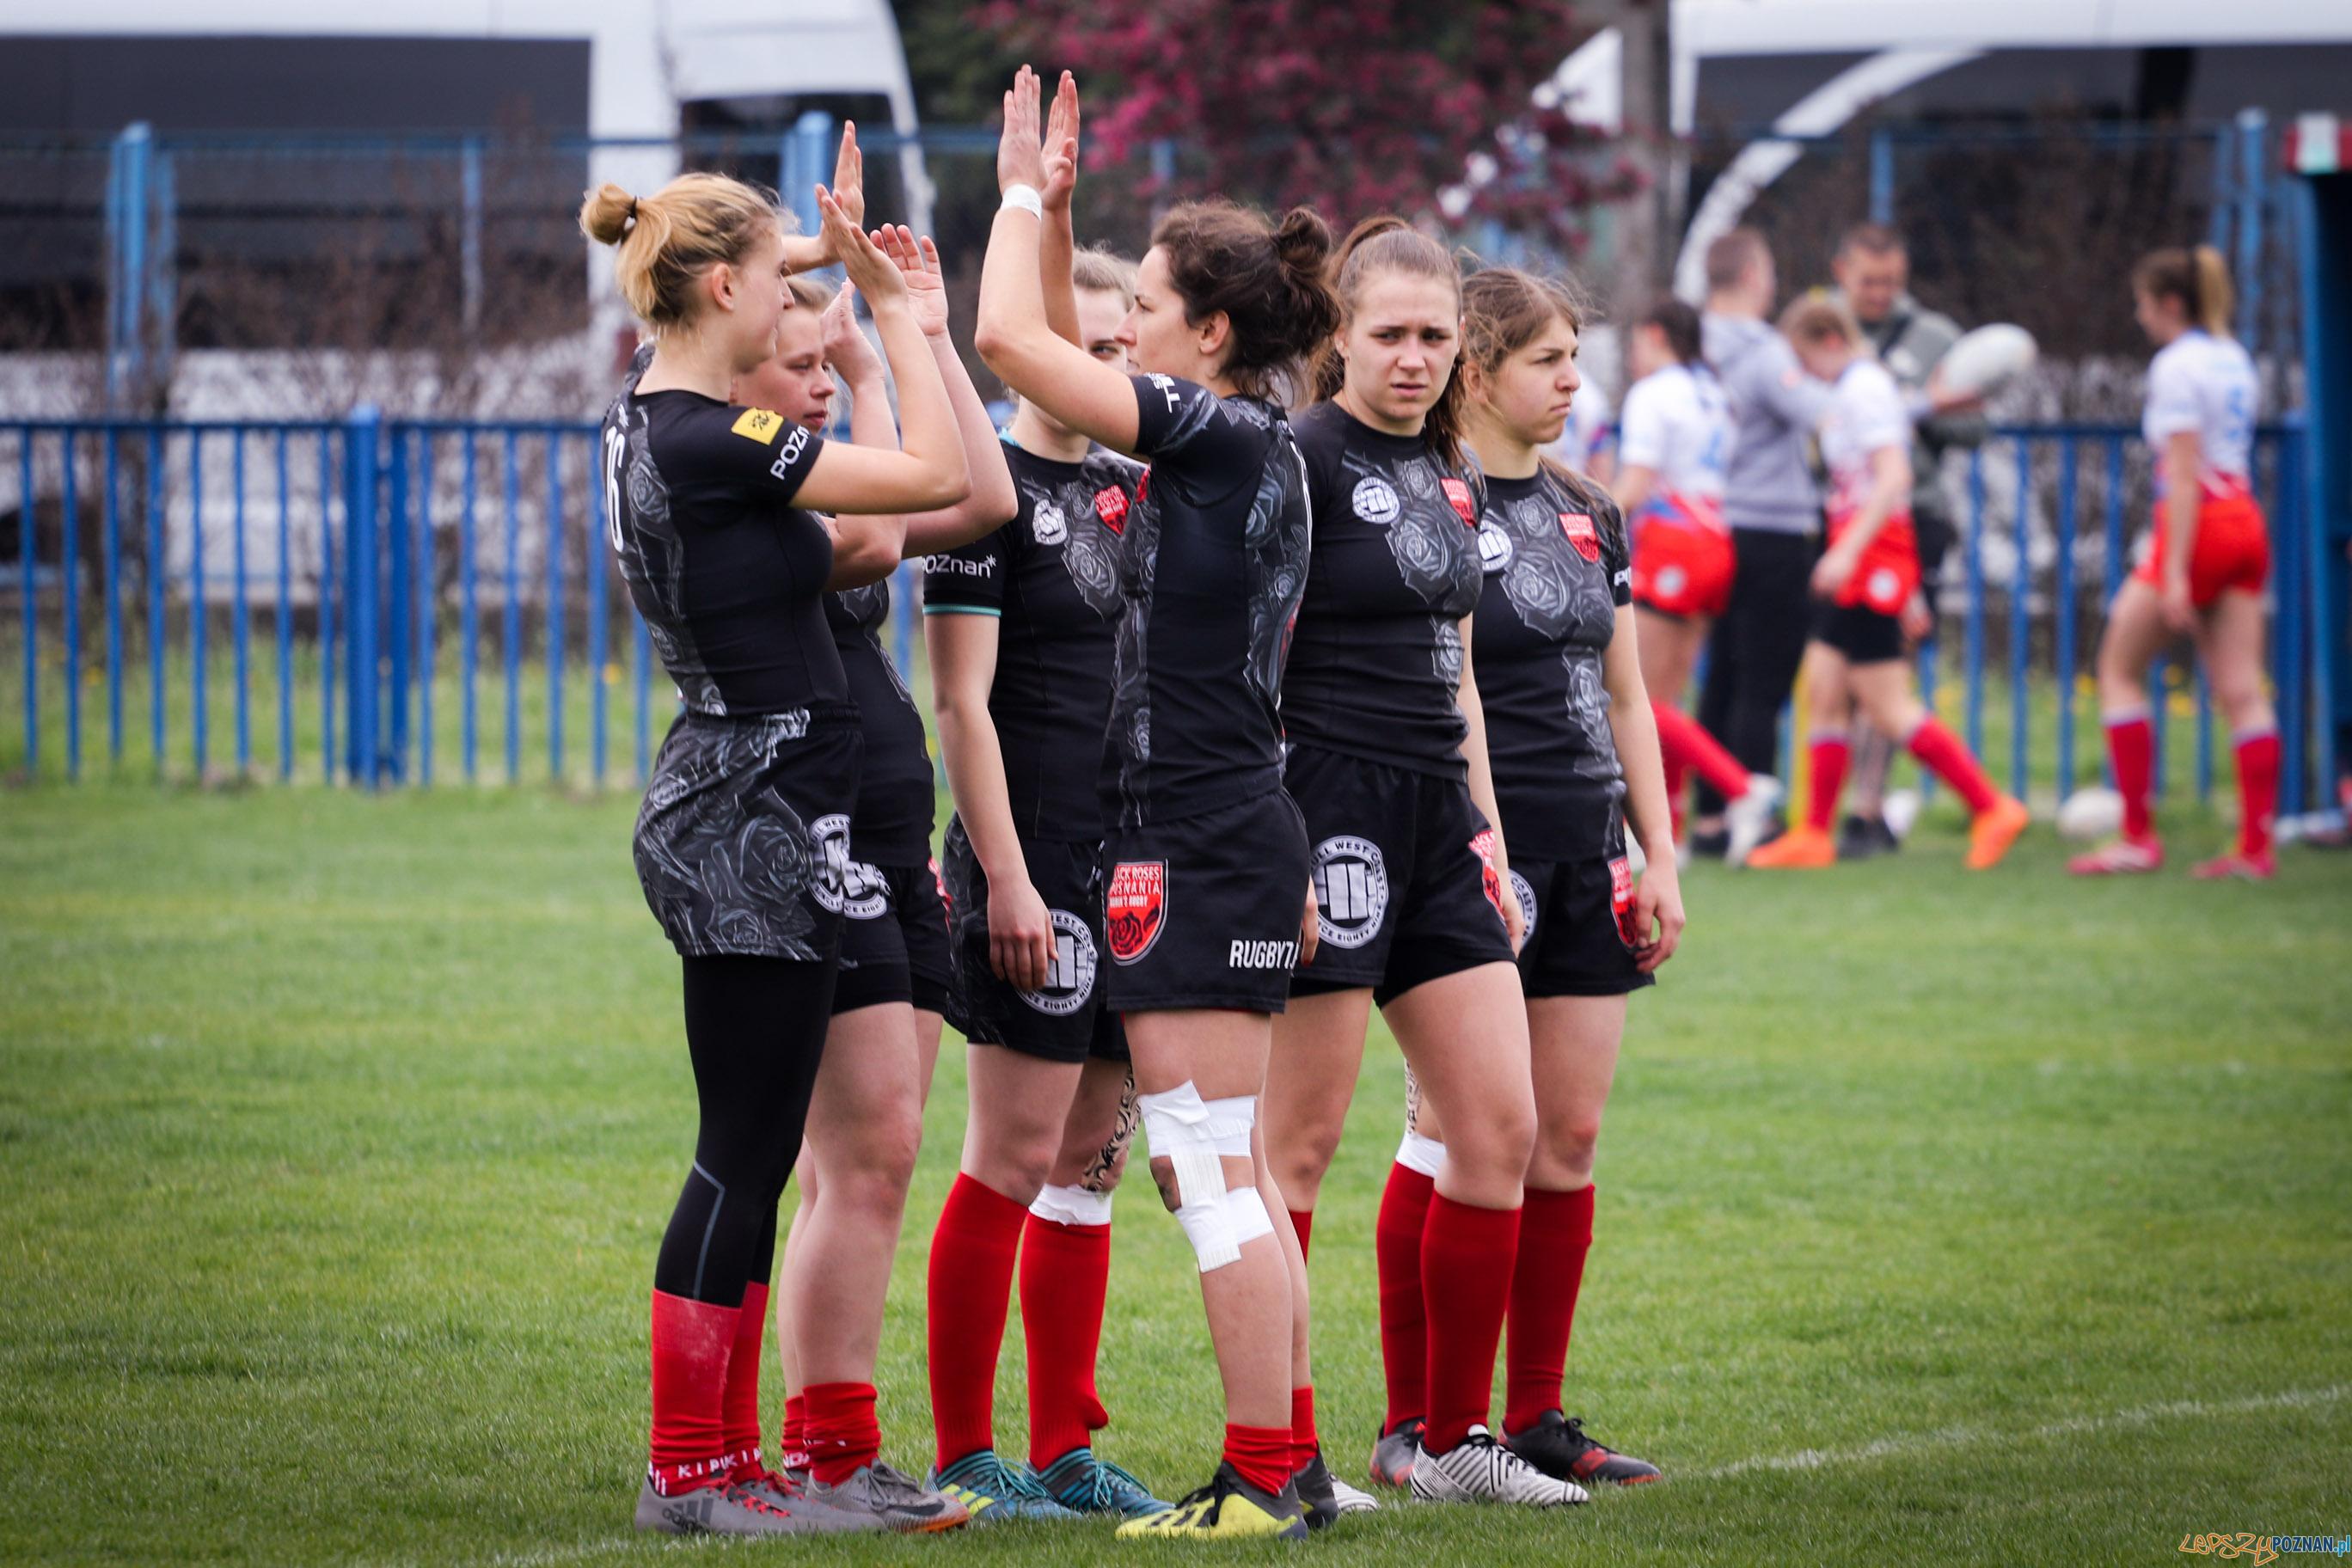 VI Turnieju Mistrzostw Polski Kobiet - Black Roses Posnania  Foto: materiały prasowe